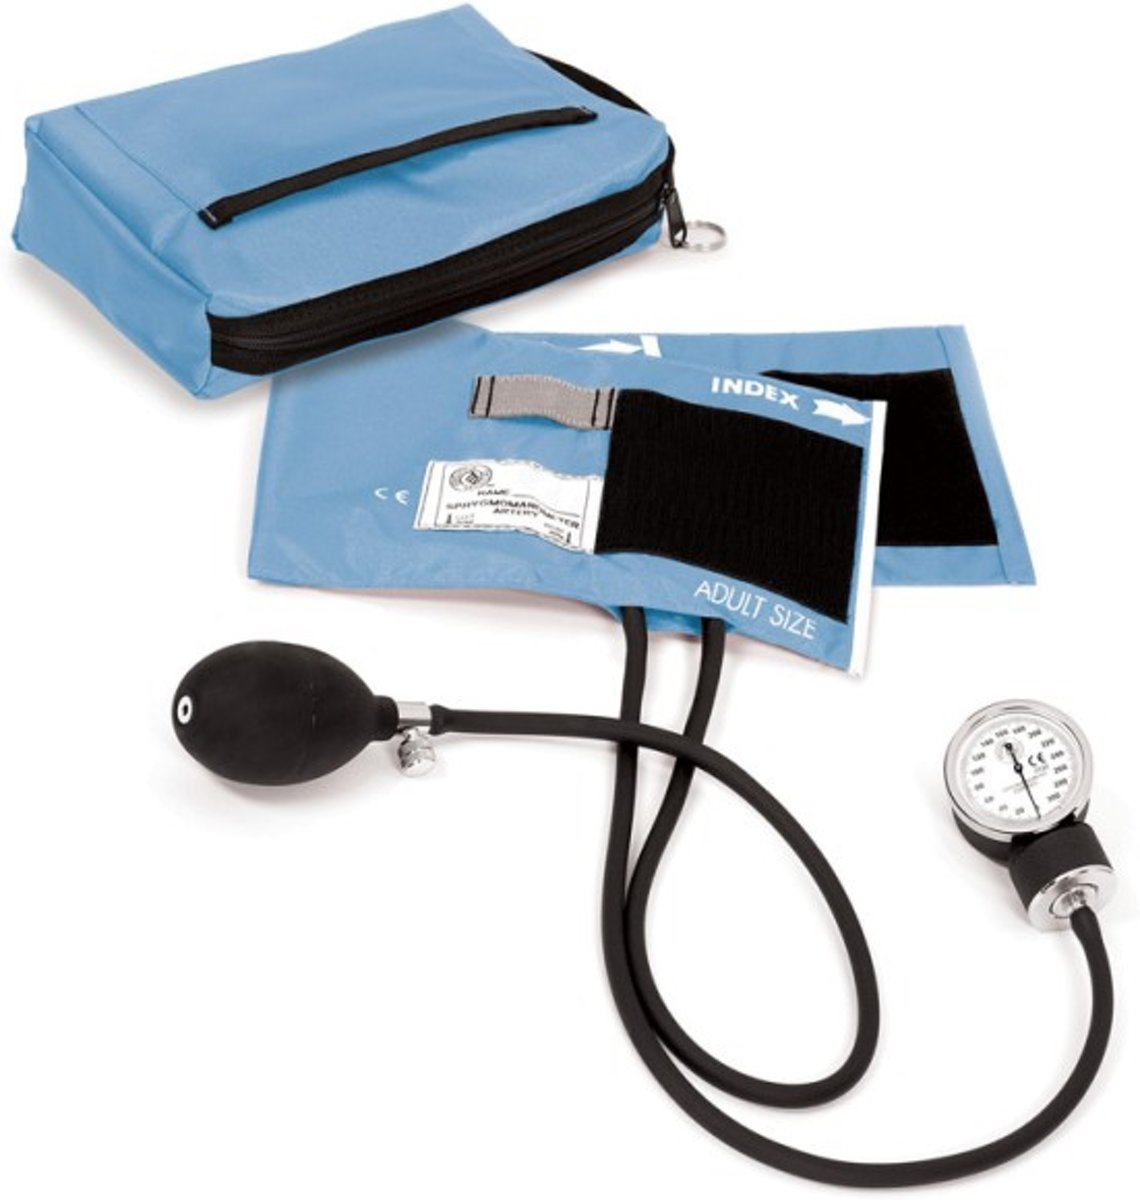 Bloeddrukmeter Met Etui Hemelsblauw